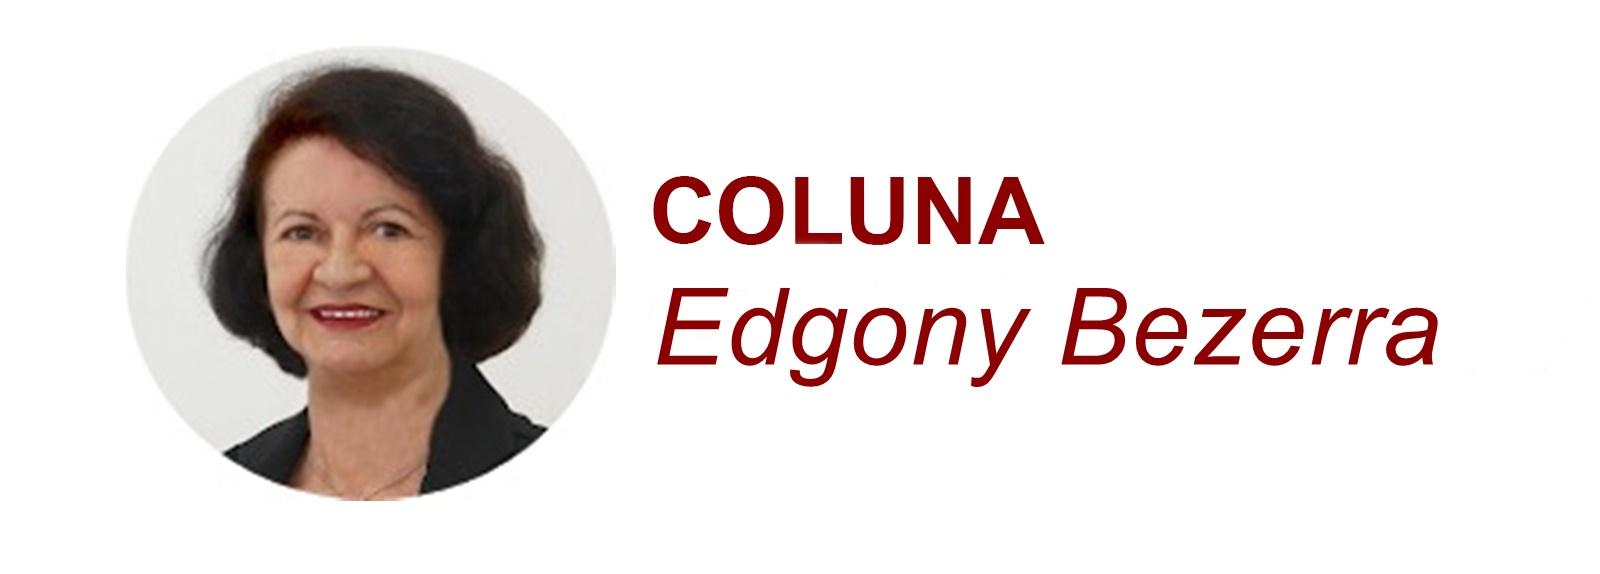 COLUNA FÁCIL: EDGONY BEZERRA